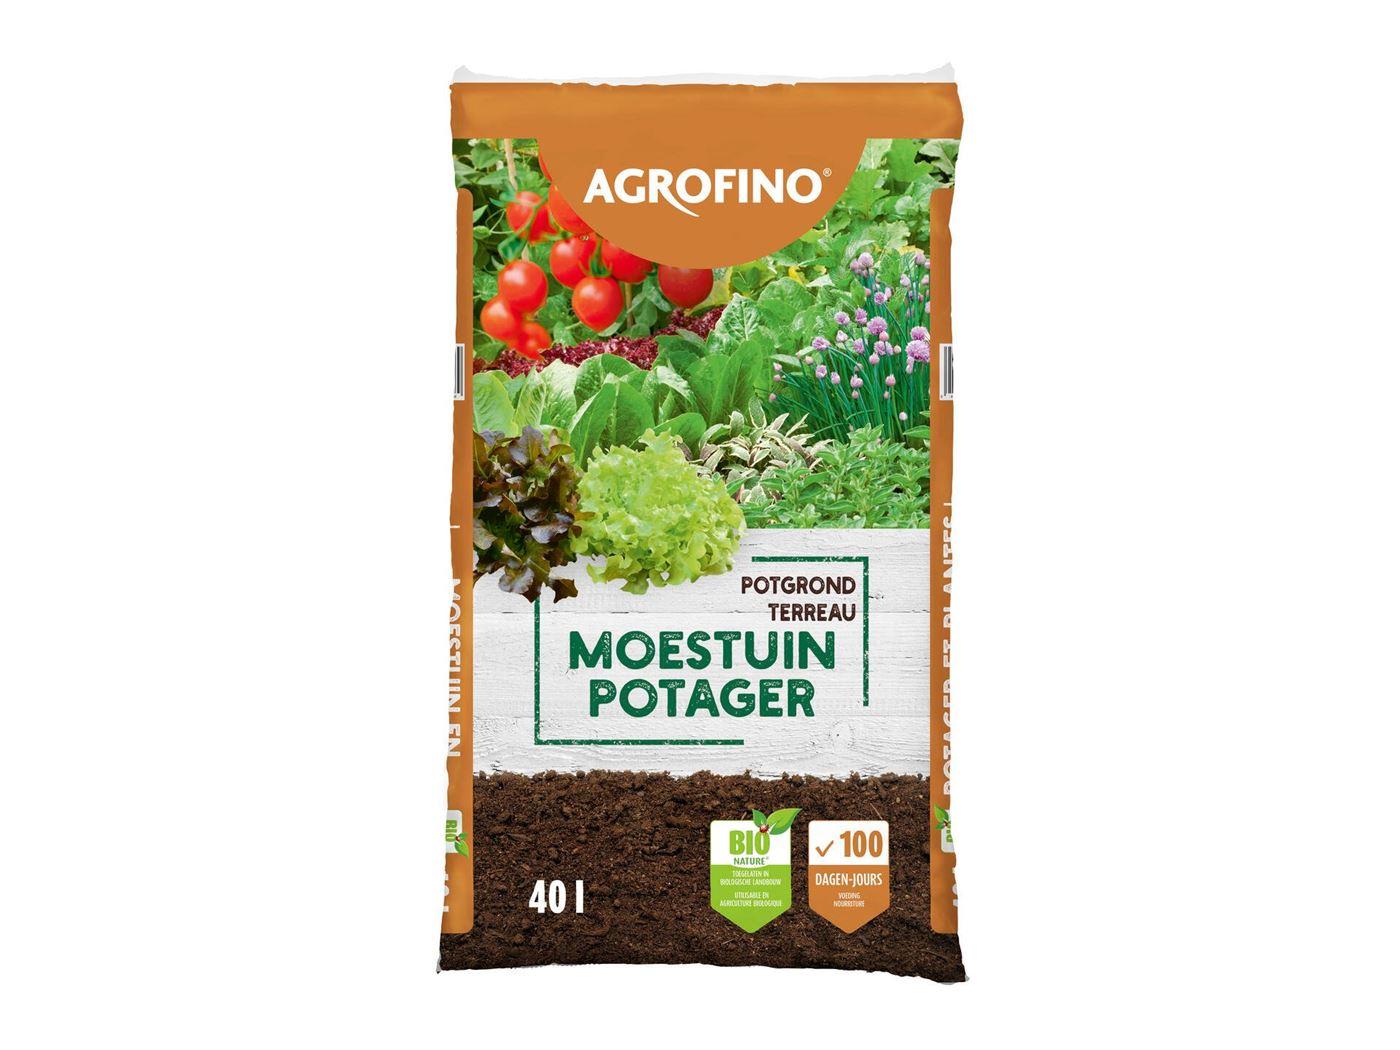 agrofino potgrond voor moestuin bionature